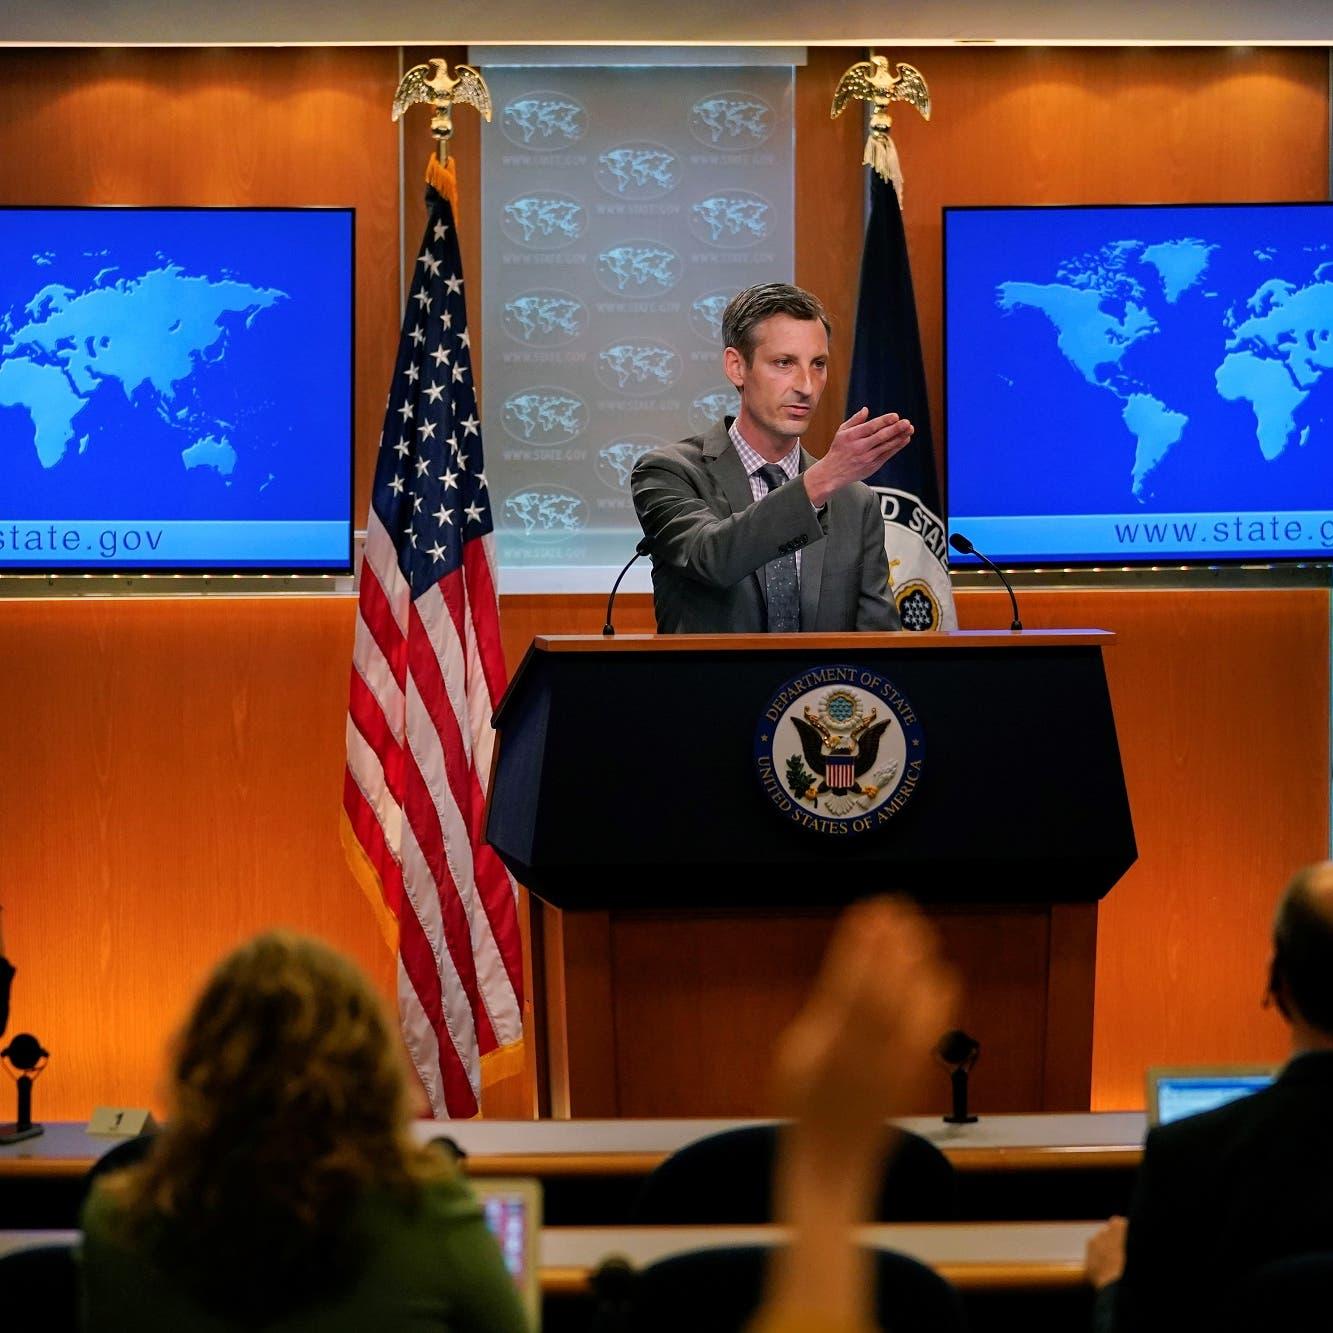 واشنطن: ندعم حق الإيرانيين في التجمع السلمي